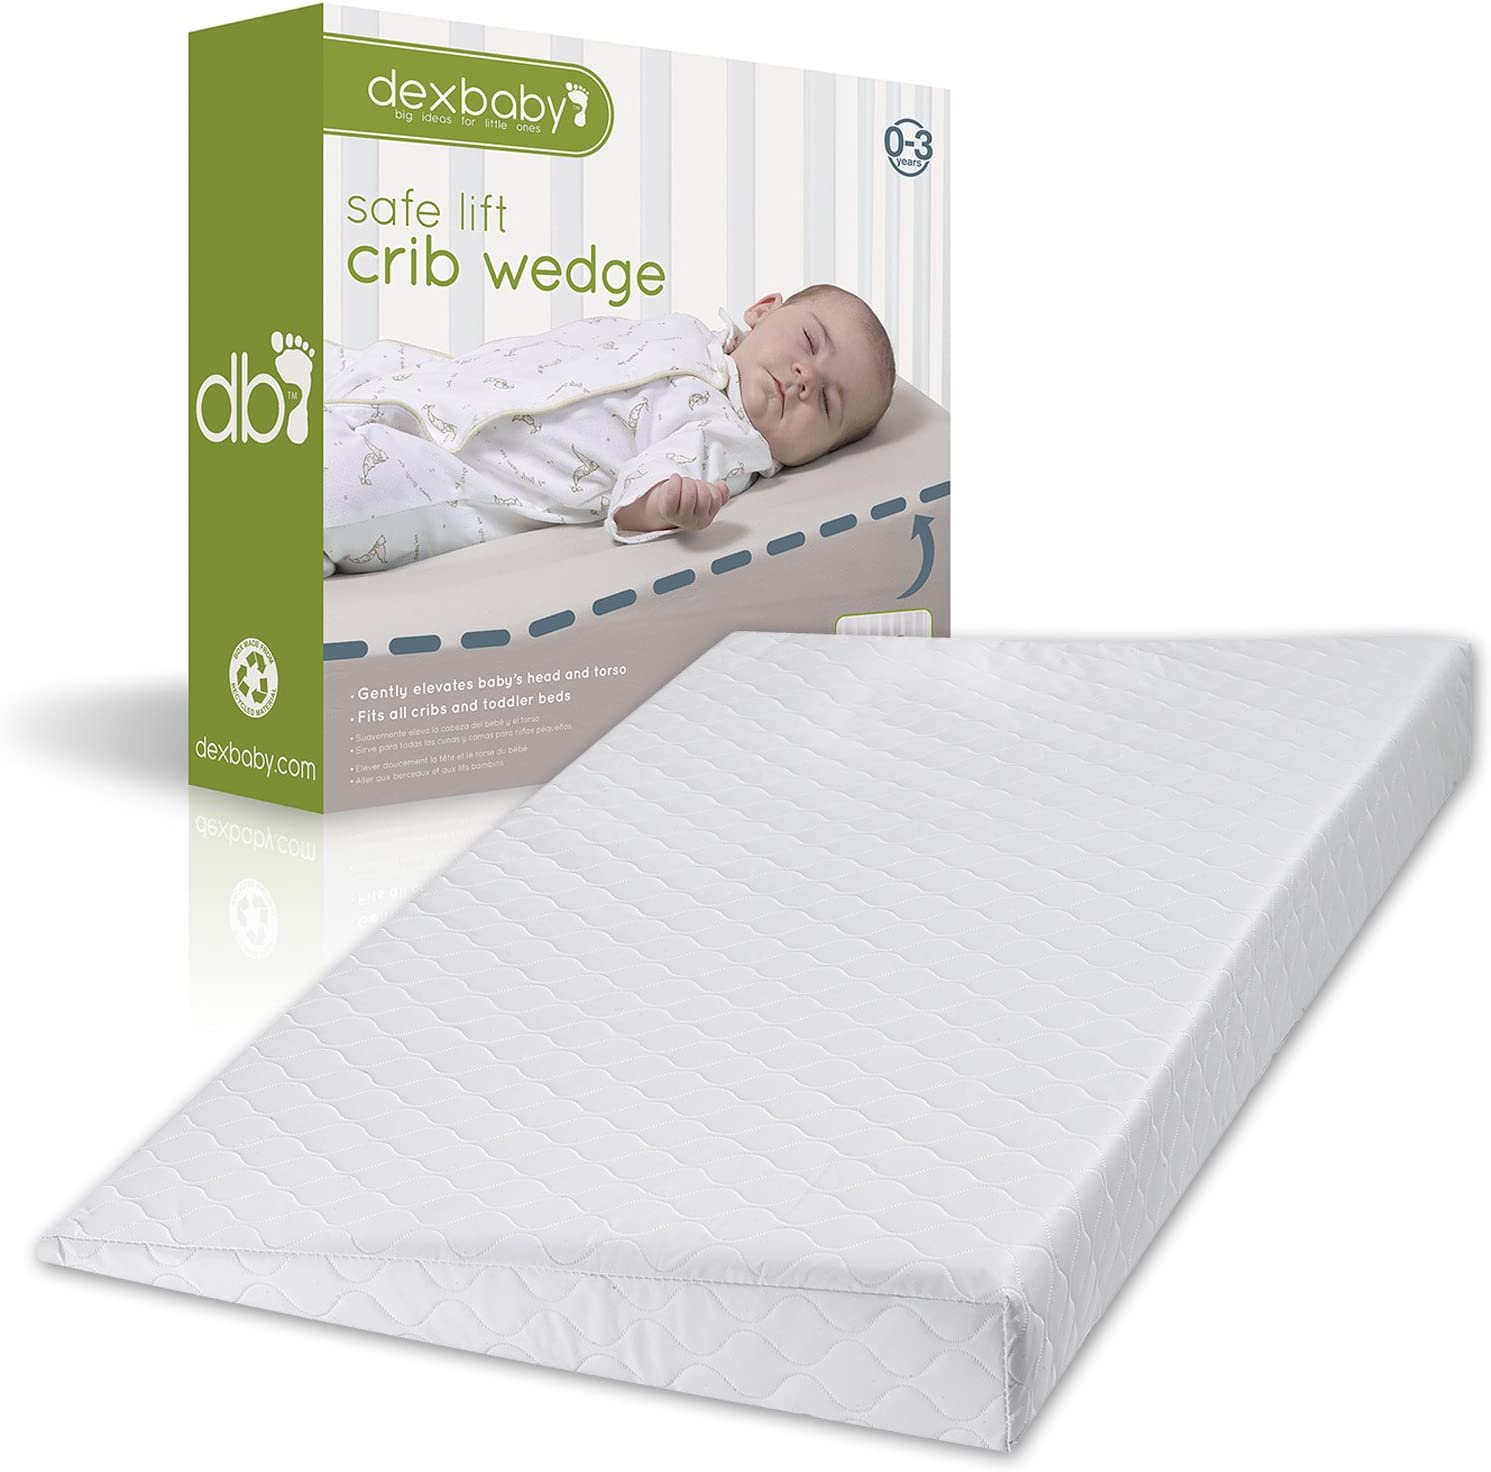 Baby Universal Crib Wedge Pillow